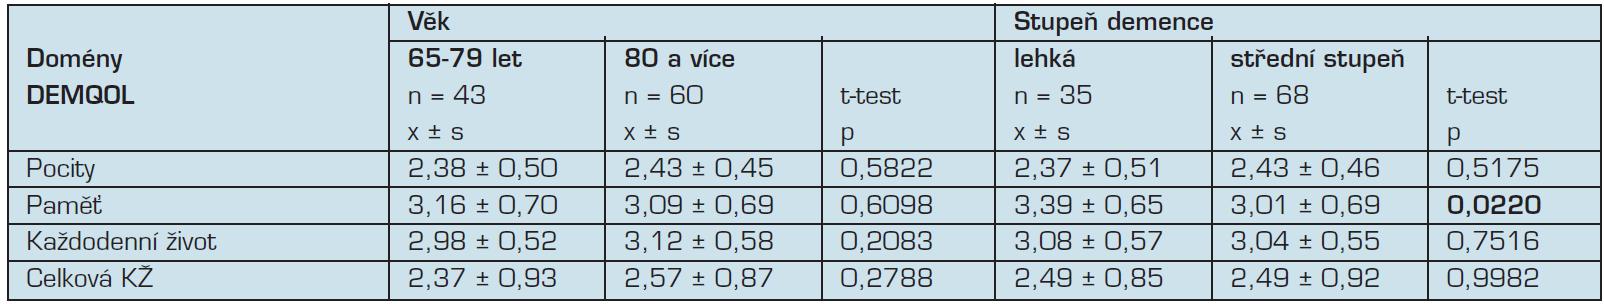 Porovnání kvality života v jednotlivých doménách dle věku a stupně kognitivní poruchy